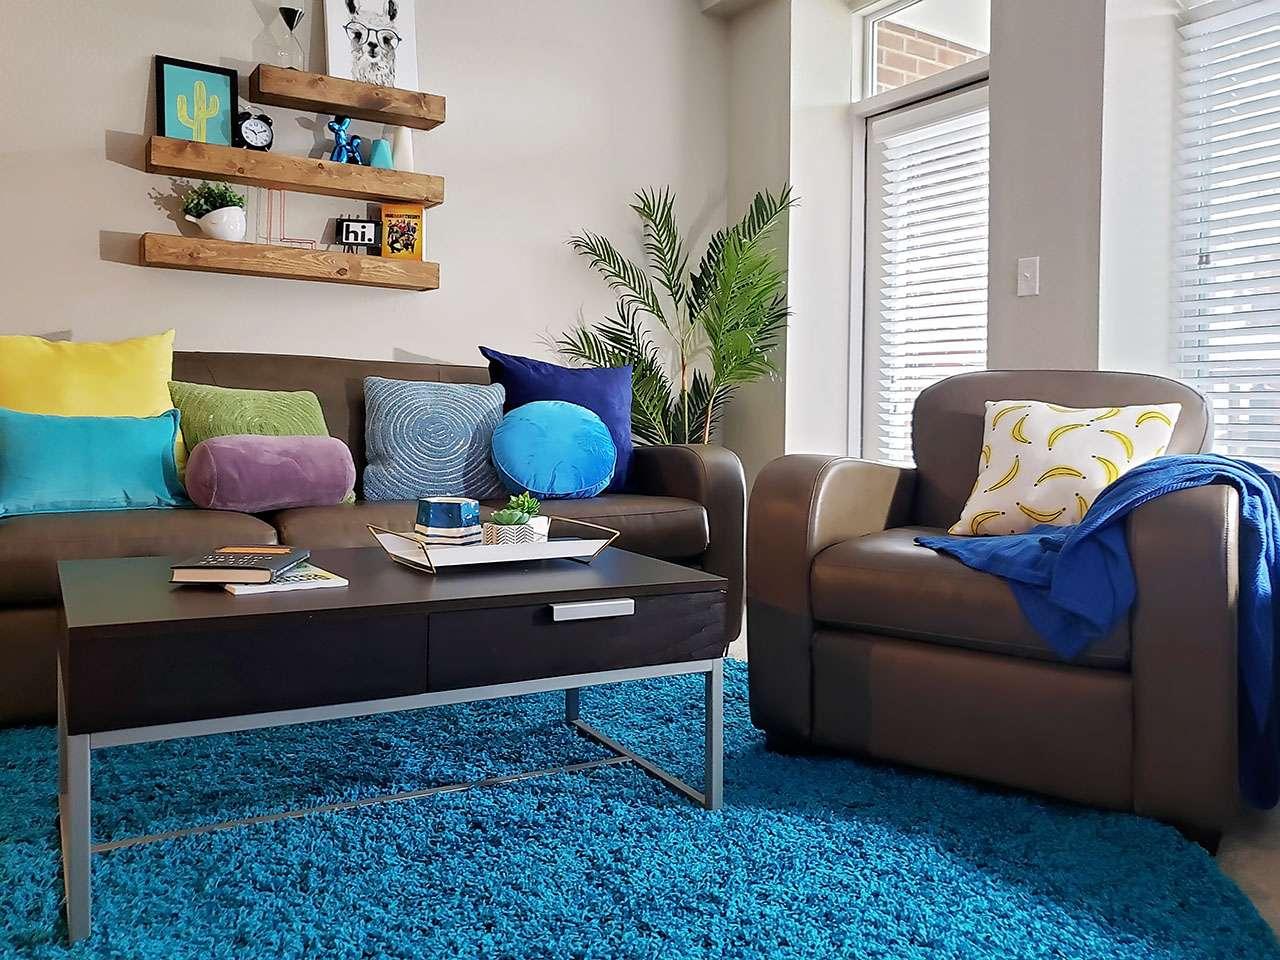 Hardwood-Style Floors